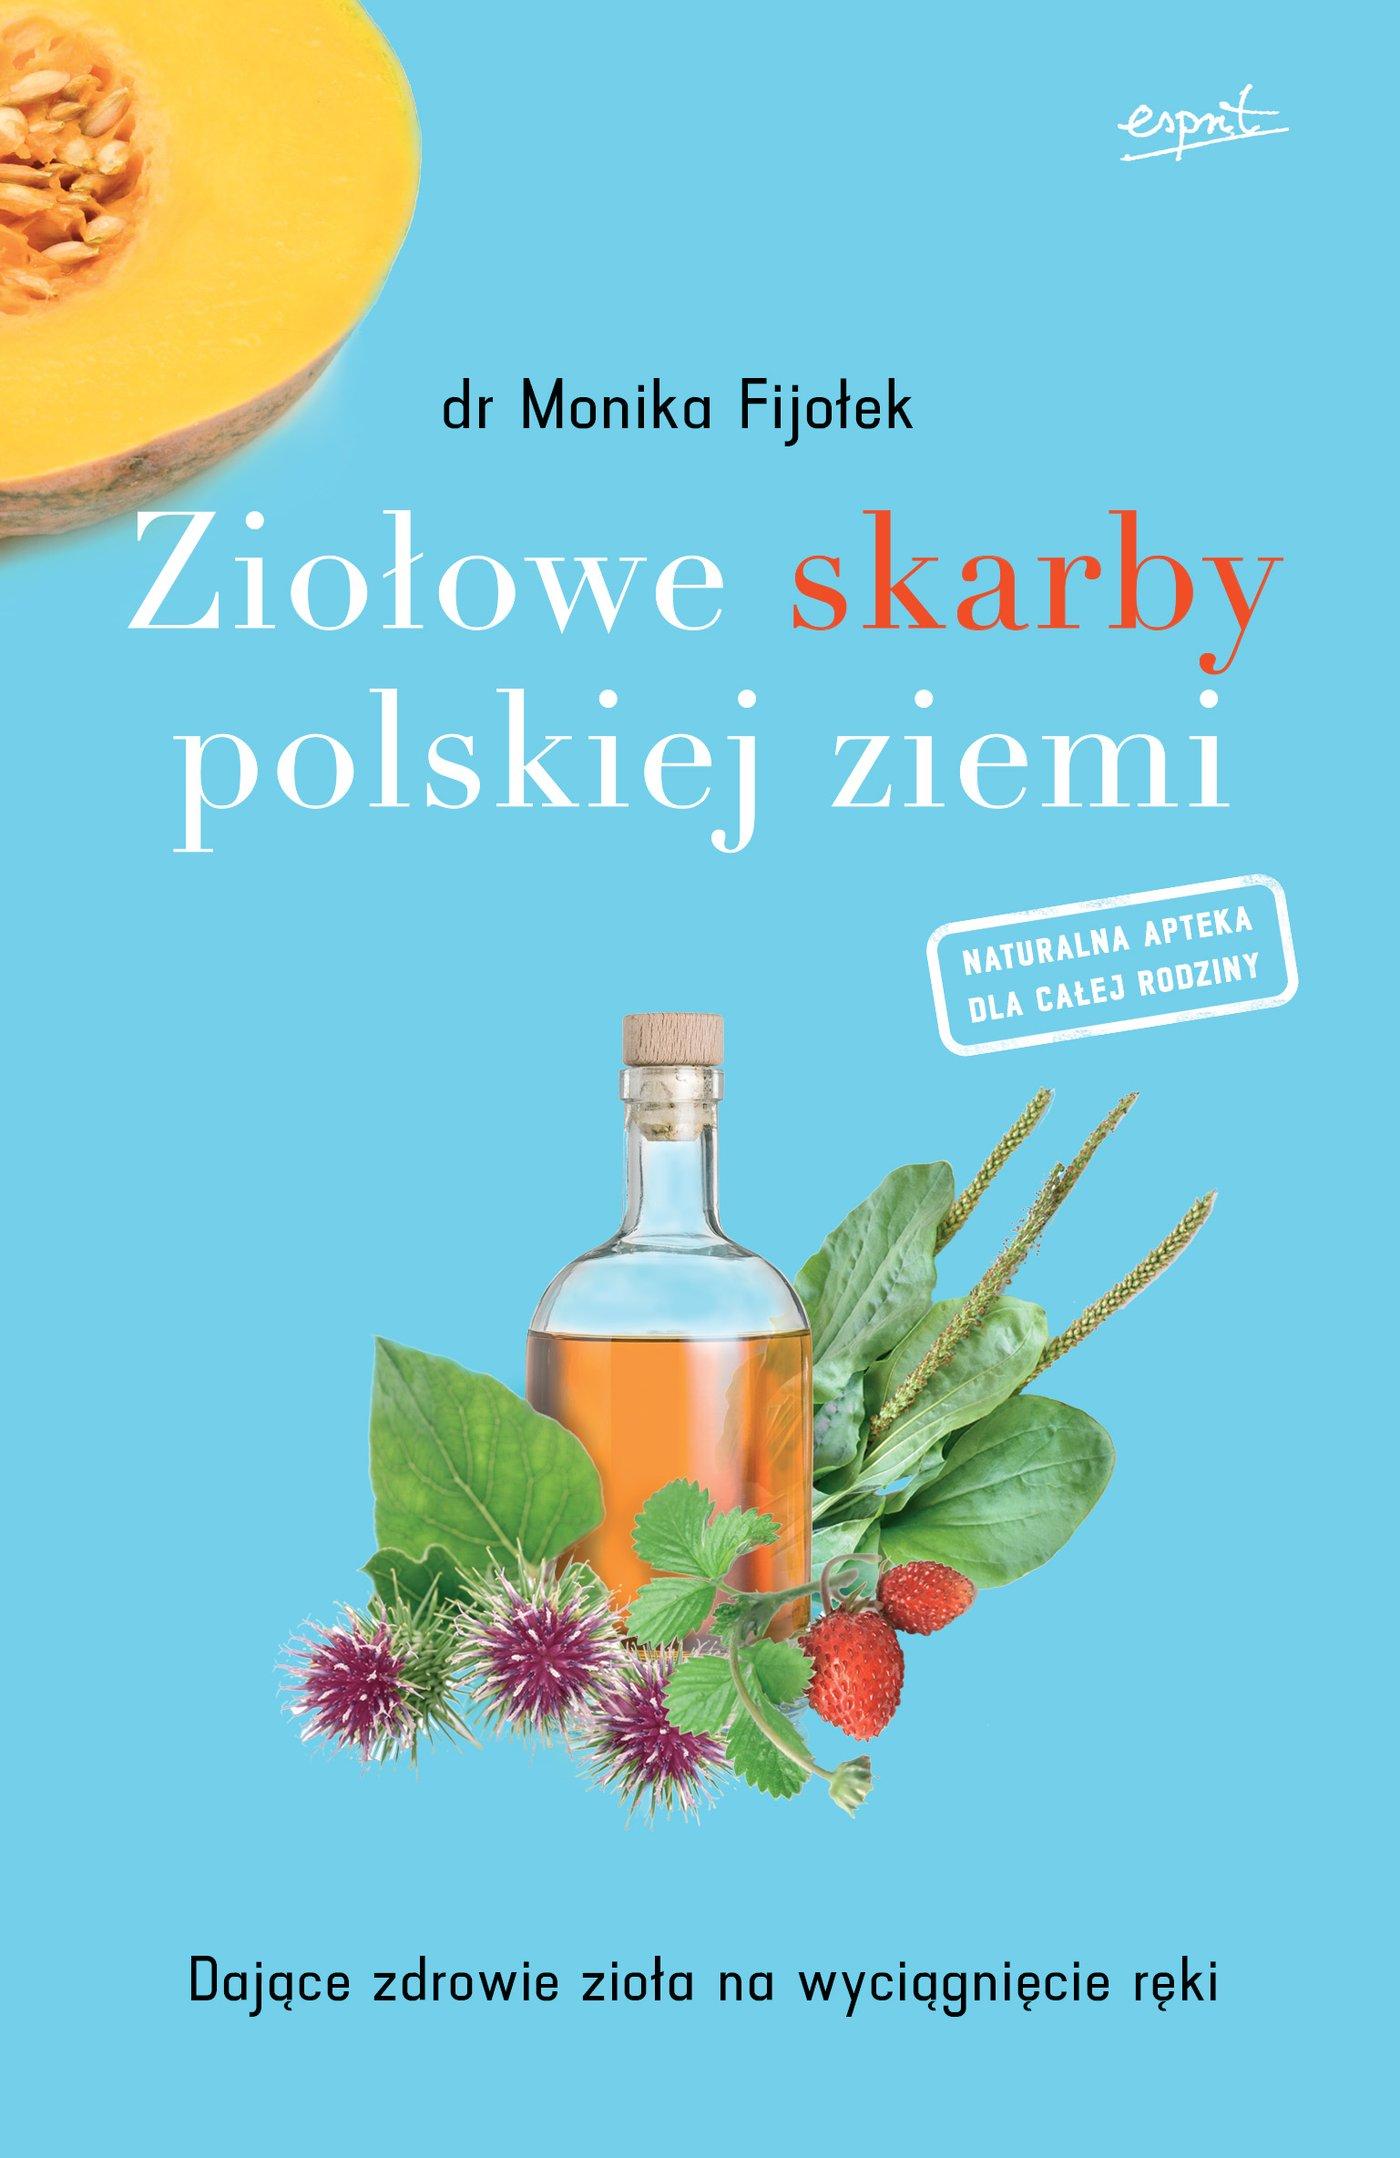 Ziołowe skarby polskiej ziemi - Ebook (Książka na Kindle) do pobrania w formacie MOBI